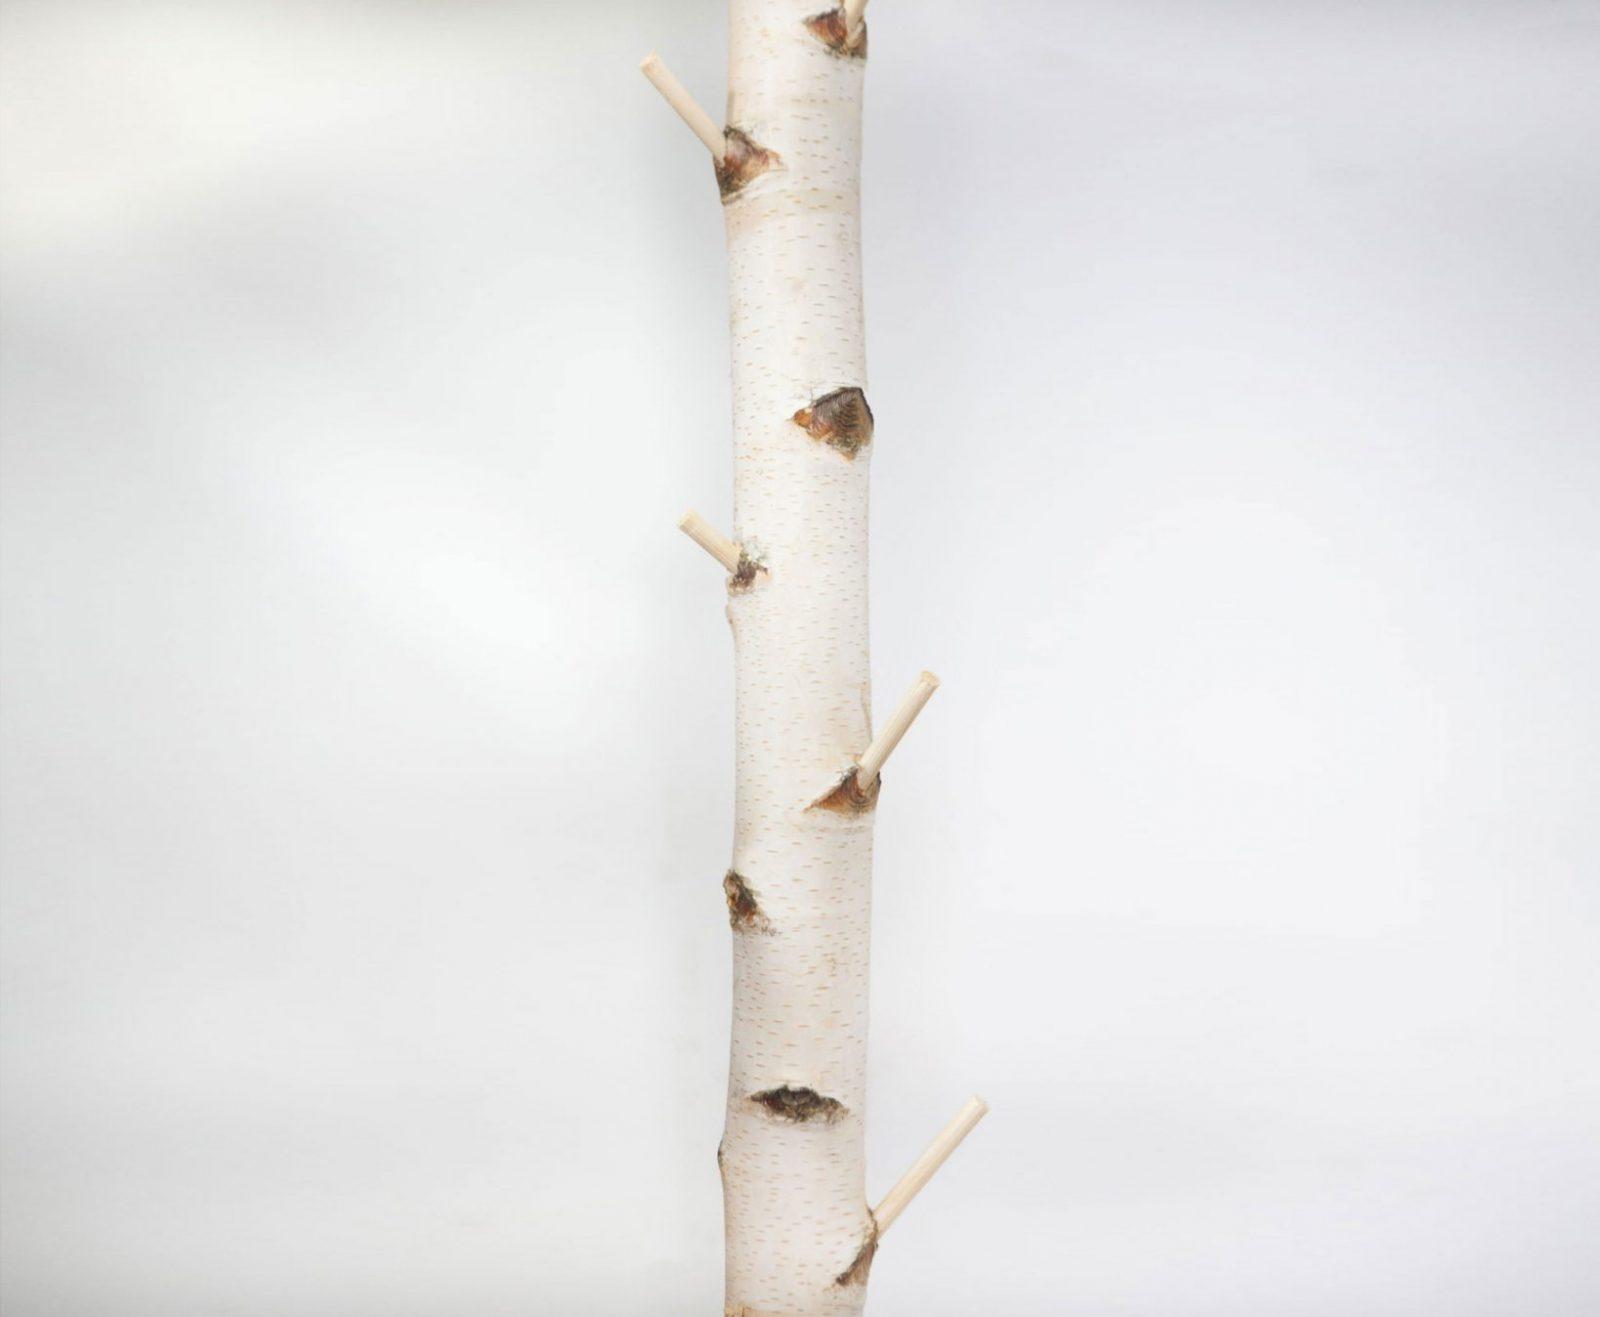 Birkenstamm Als Garderobe Für Ihre Moderne Inneneinrichtung von Birkenstamm Mit Ästen Kaufen Photo